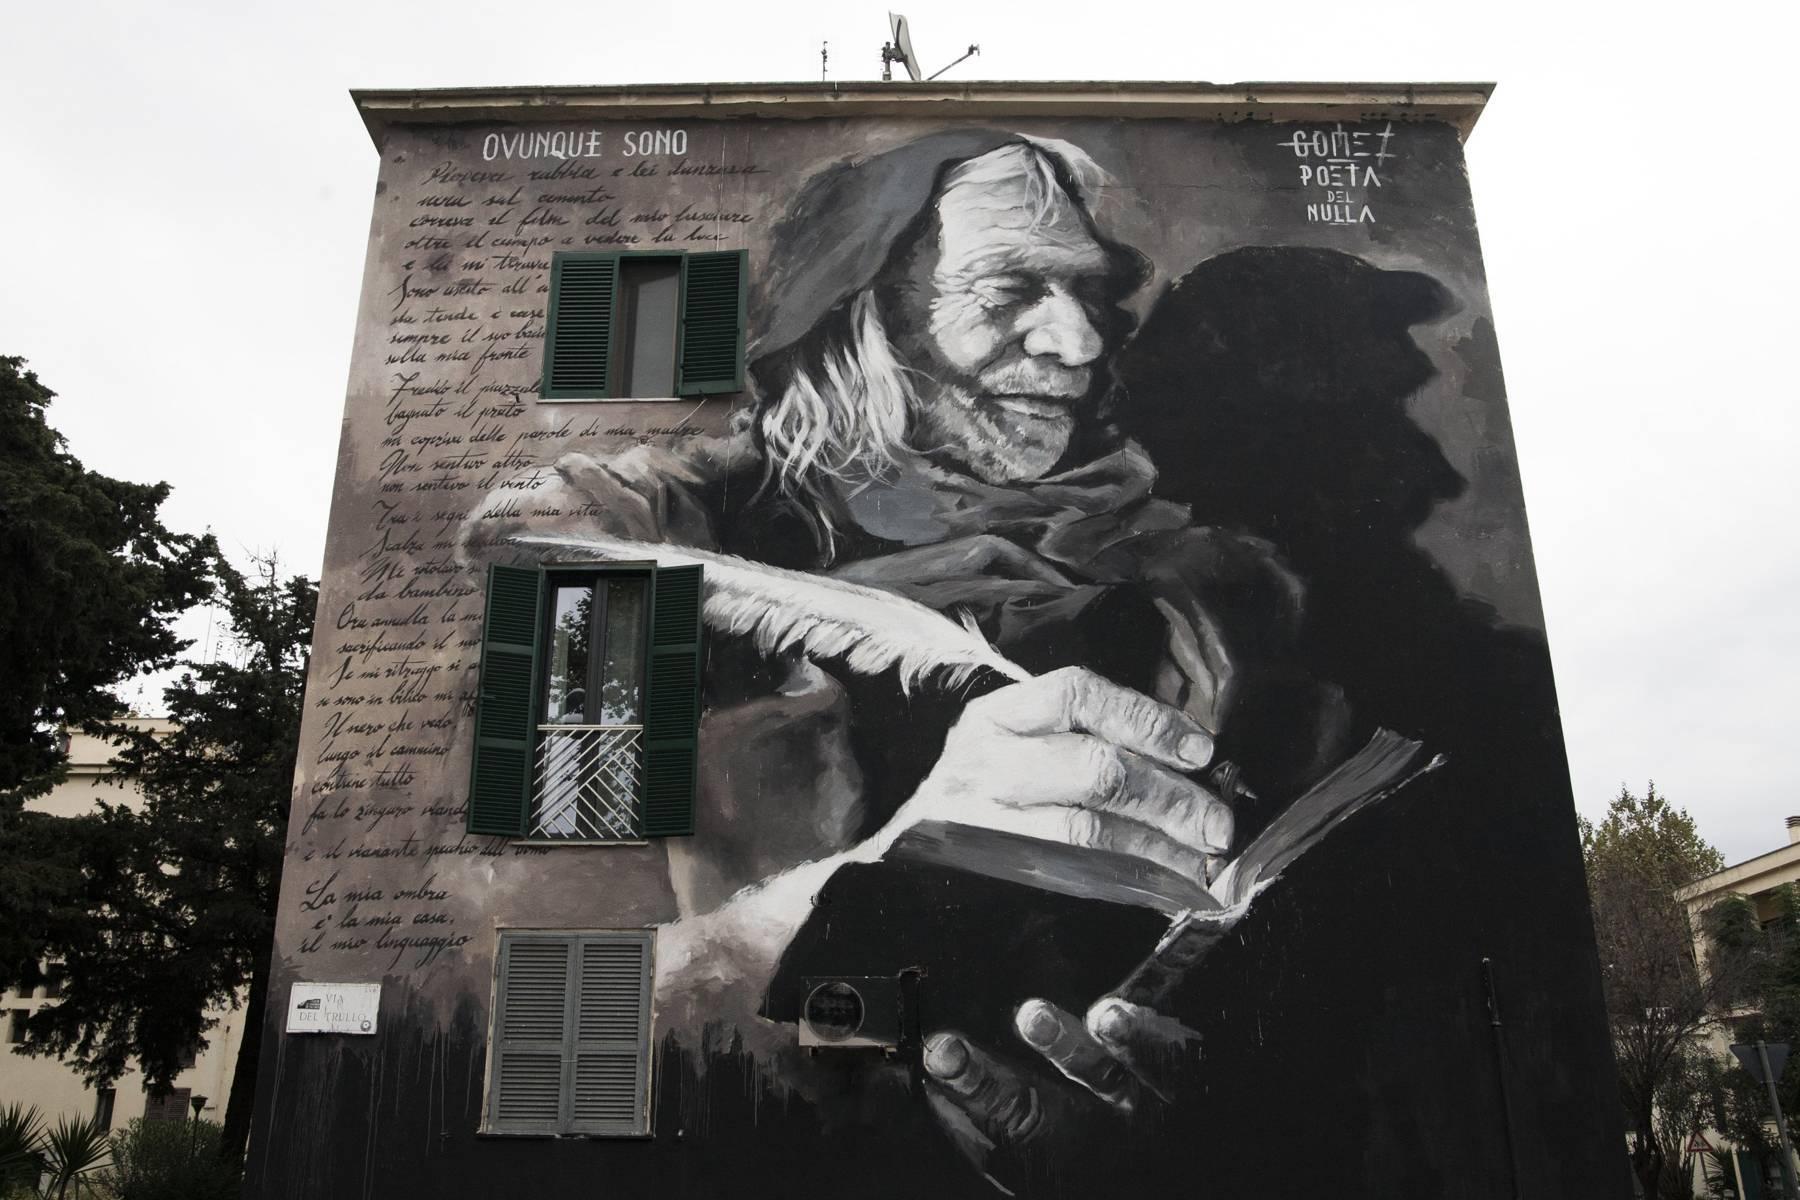 Gomez e Poeta del Nulla (2015. Trullo, Roma. Ph. ©ArtTribune